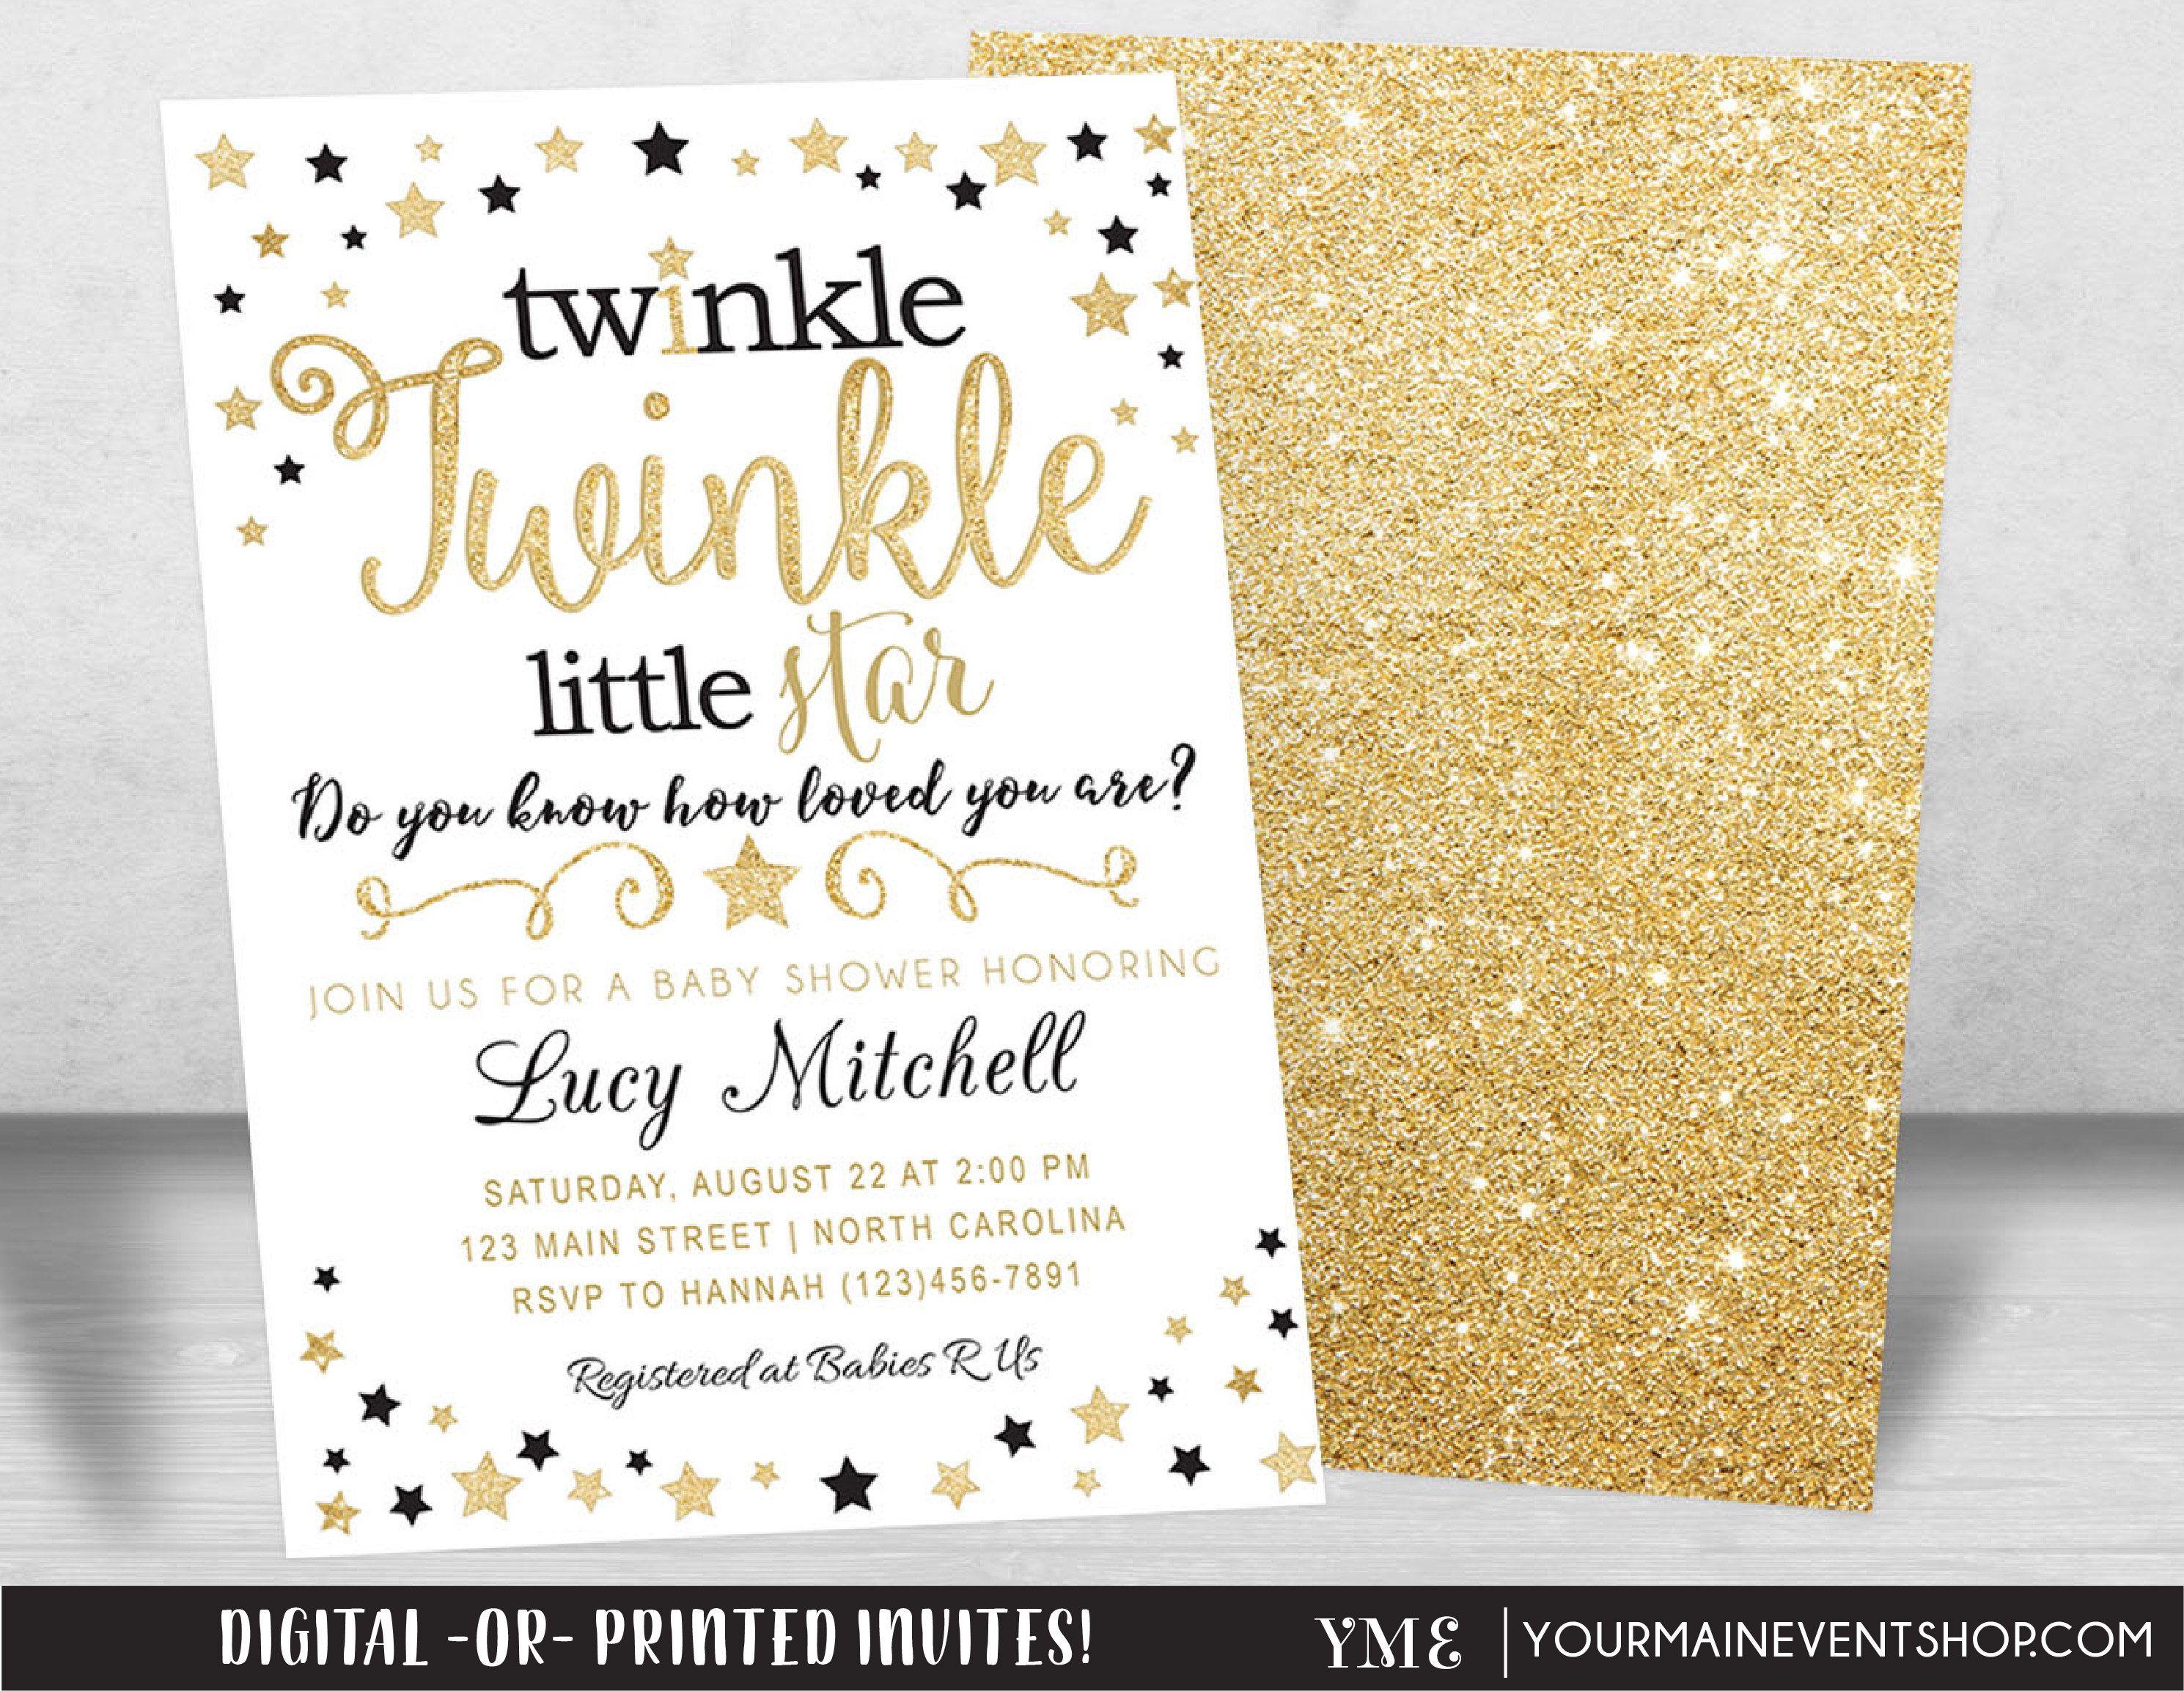 Twinkle Twinkle Little Star Baby Shower Invitation, Twinkle Twinkle ...